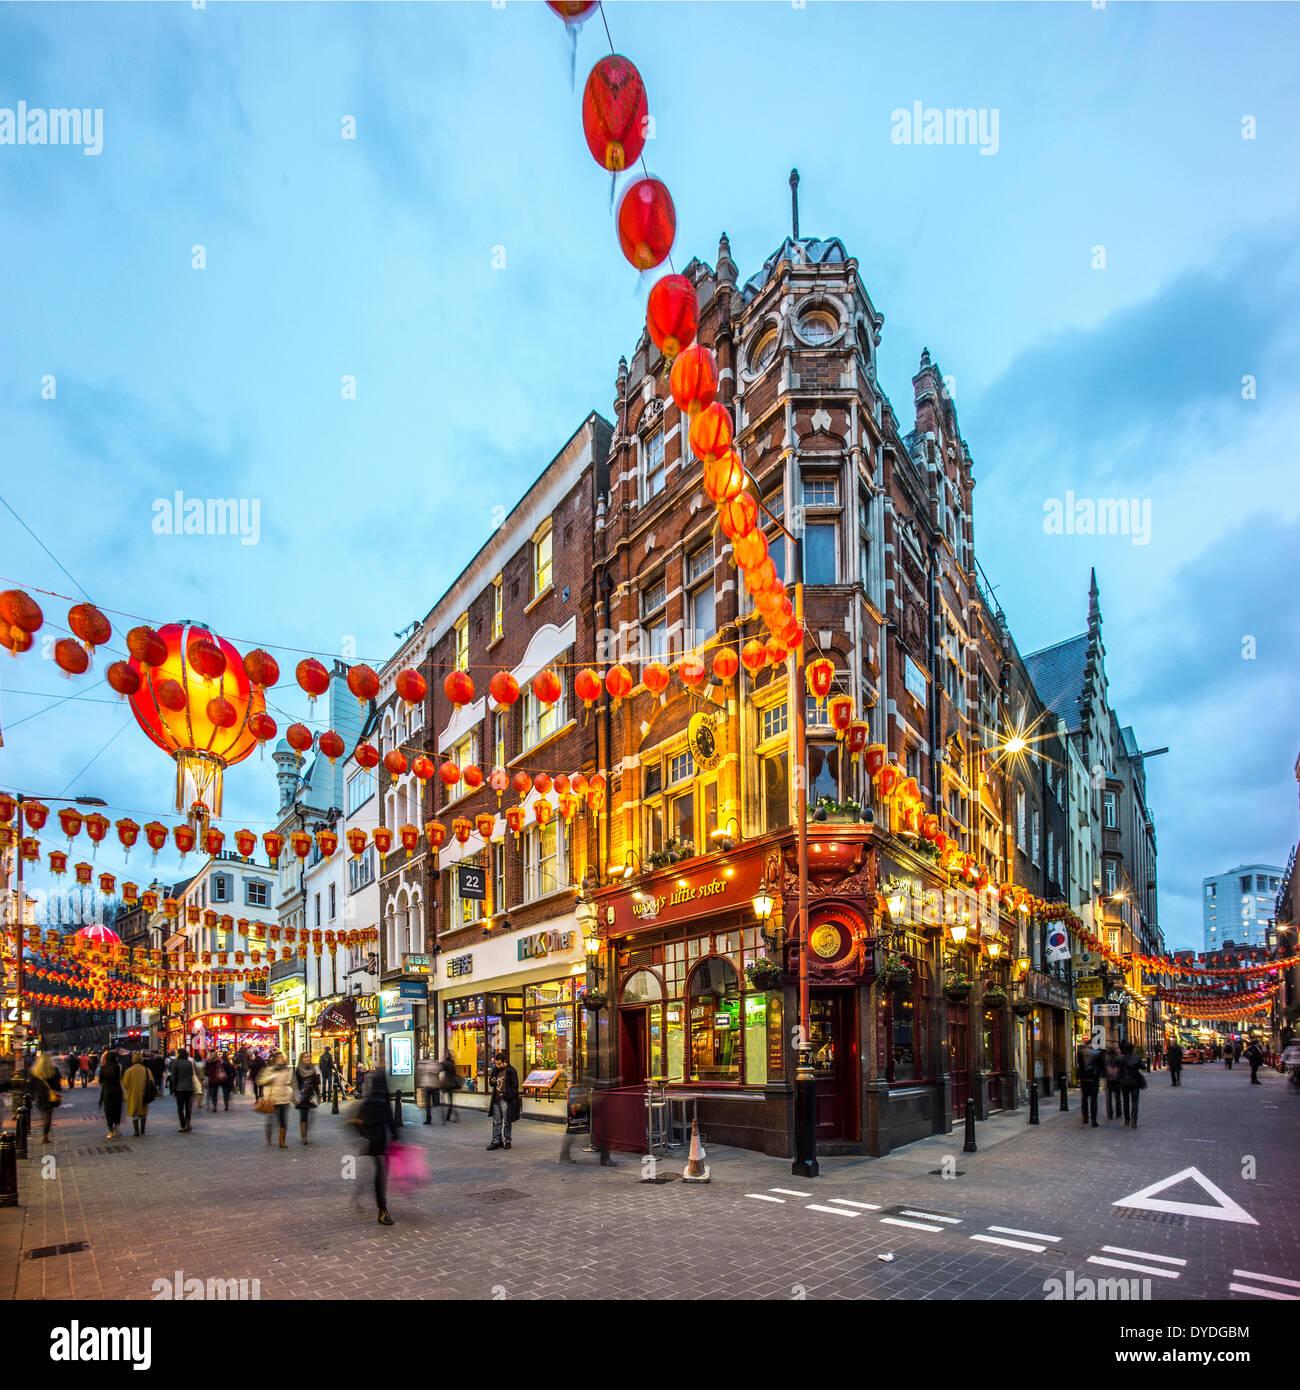 Décorations pour le Nouvel An chinois dans la région de Wardour Street à Londres au crépuscule. Photo Stock